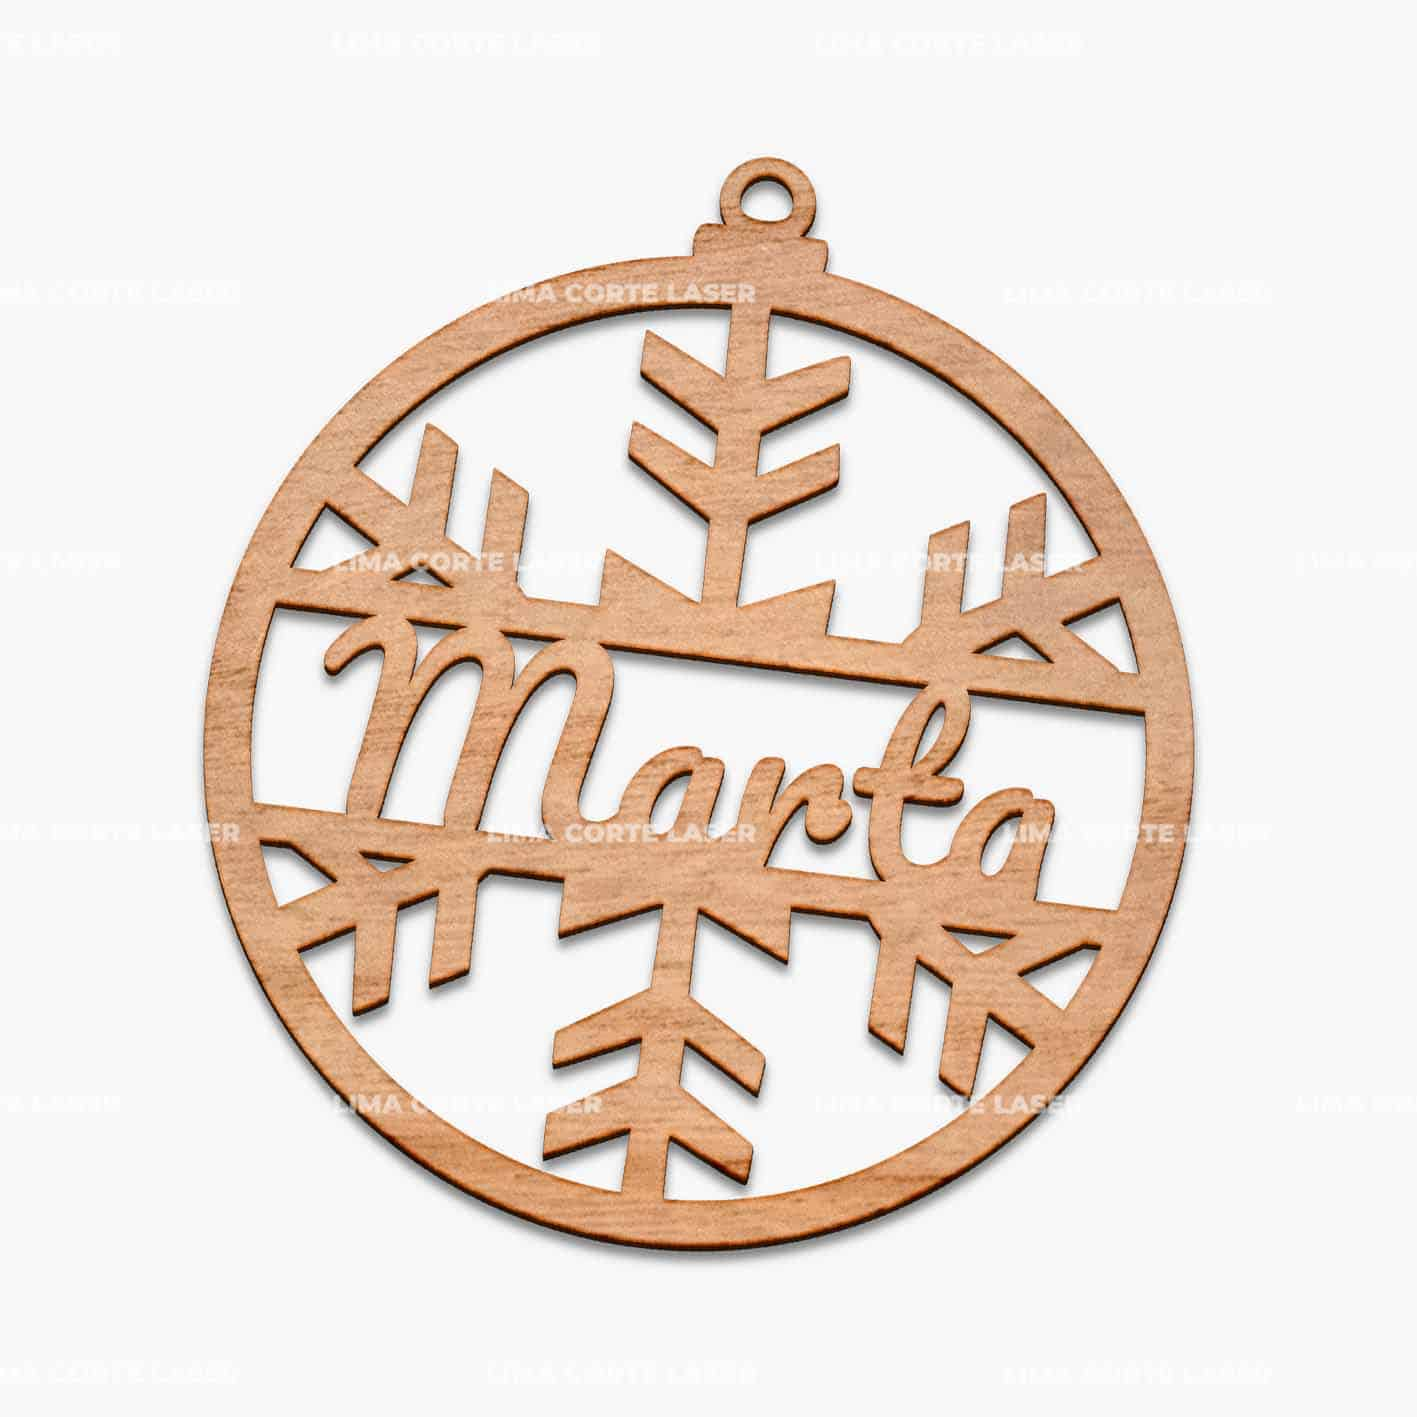 Esfera navideña de madera personalizada con nombre Marta